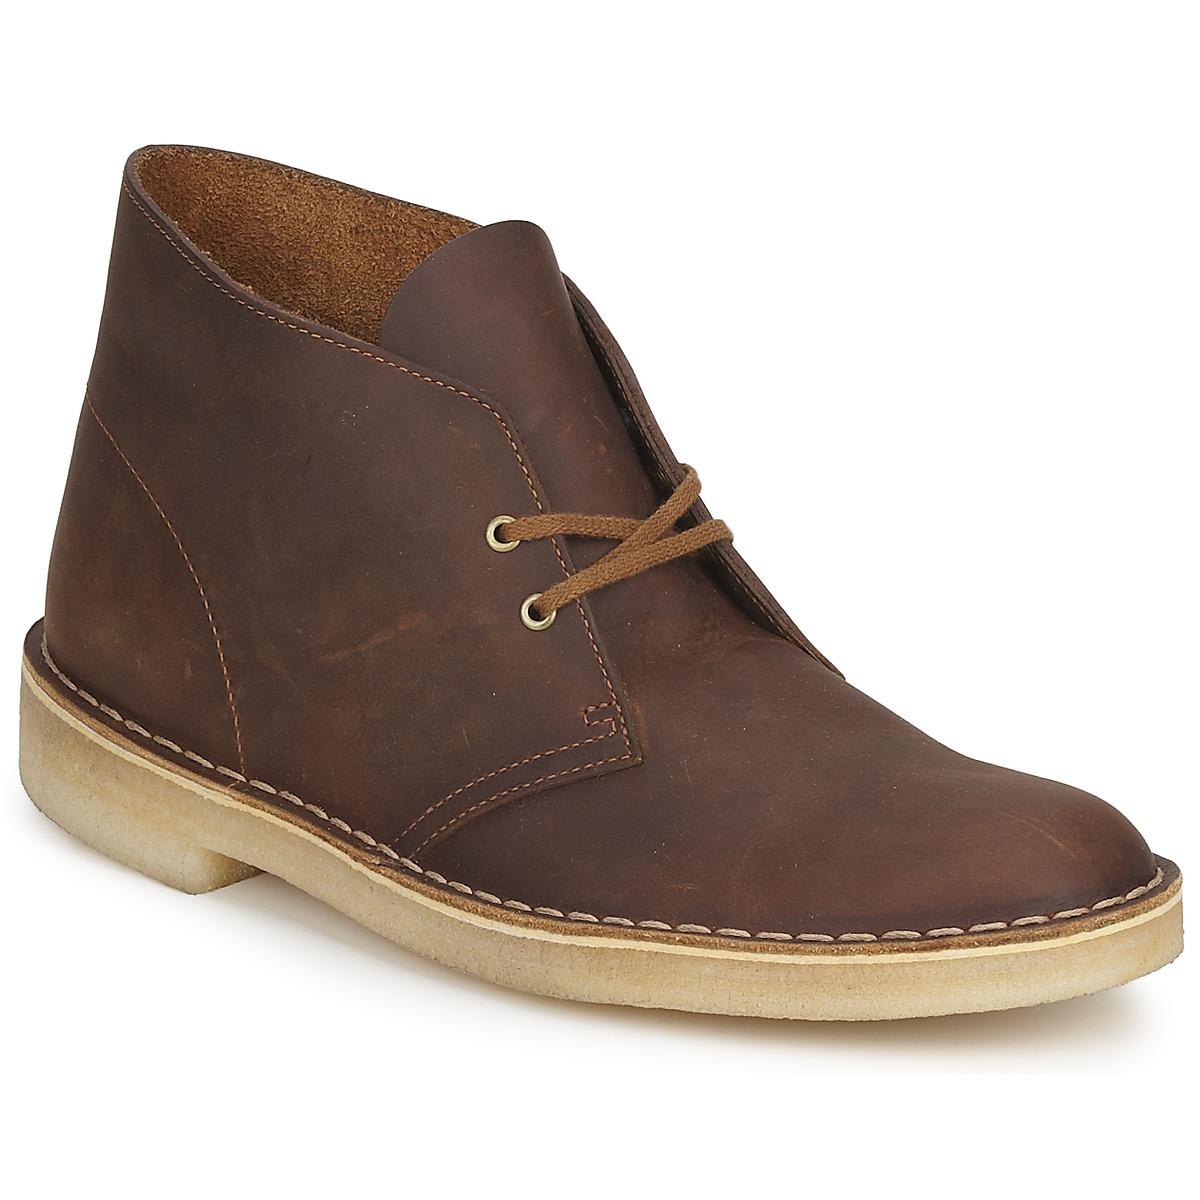 boots clarks desert boot marron livraison gratuite avec chaussures homme 129 00. Black Bedroom Furniture Sets. Home Design Ideas